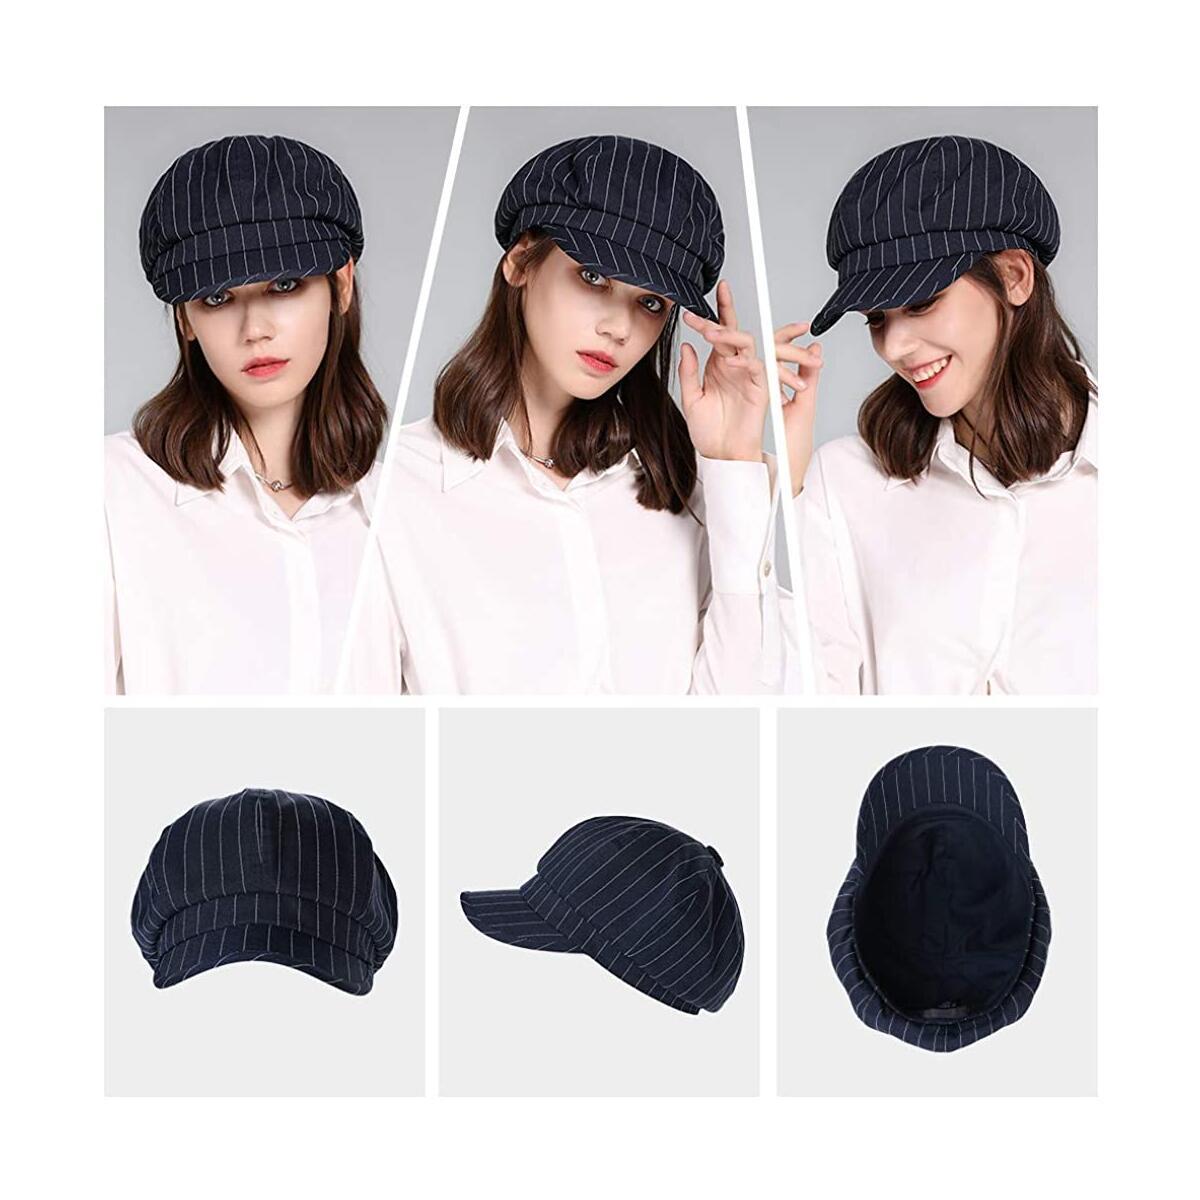 Fancet Packable Beret Newsboy Cap for Women Spring Summer Winter Gatsby Visor Hat 55-59 cm